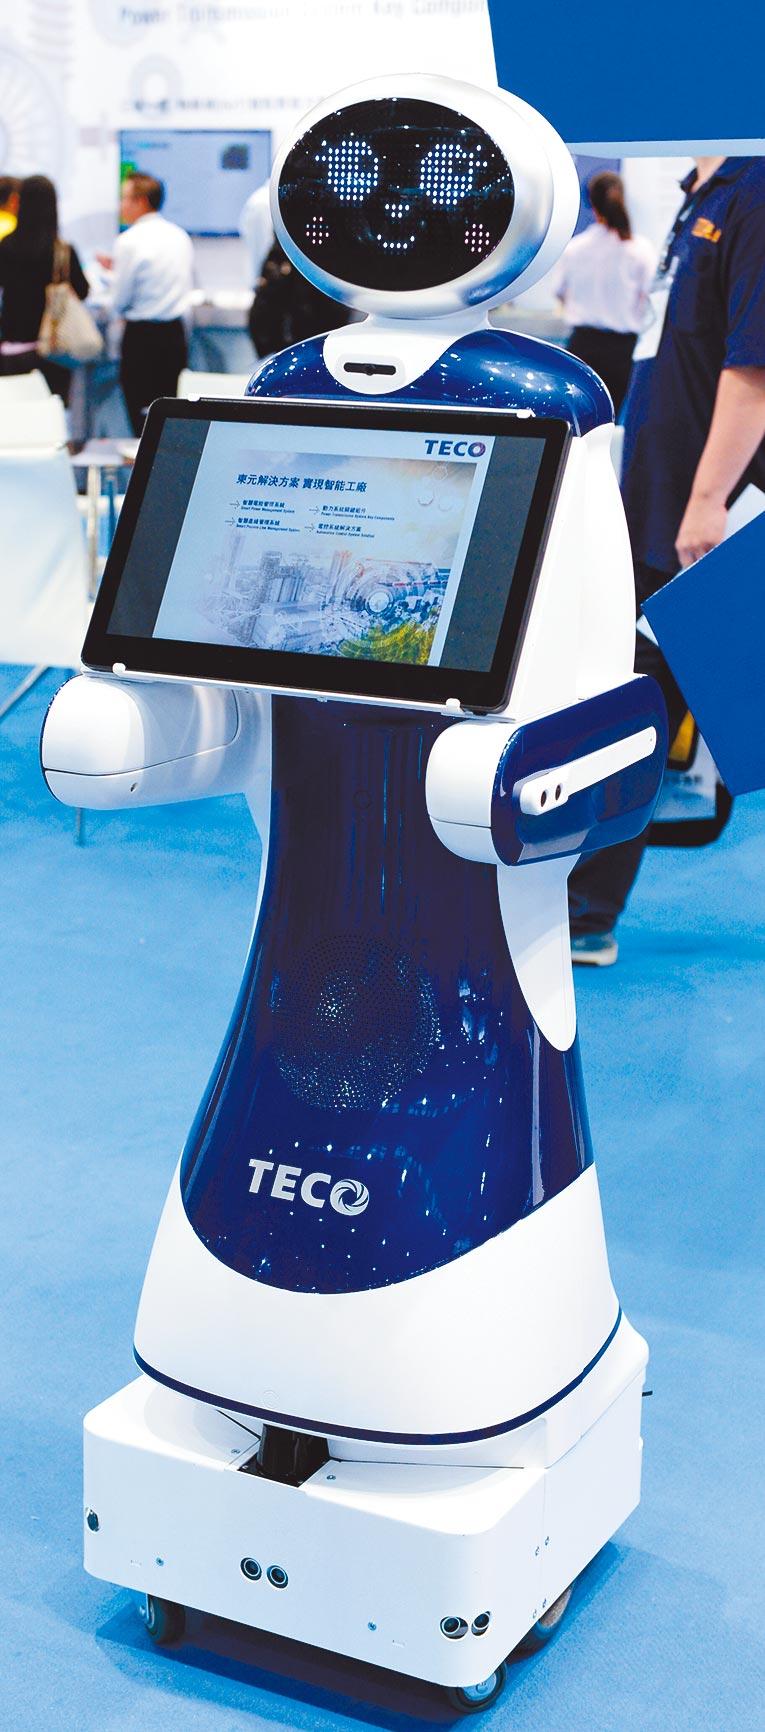 AI做了人類不想做的工作,或幫助承擔工作量,圖為亞洲工業4.0暨智慧製造系列展展出的機器人。(本報資料照片)